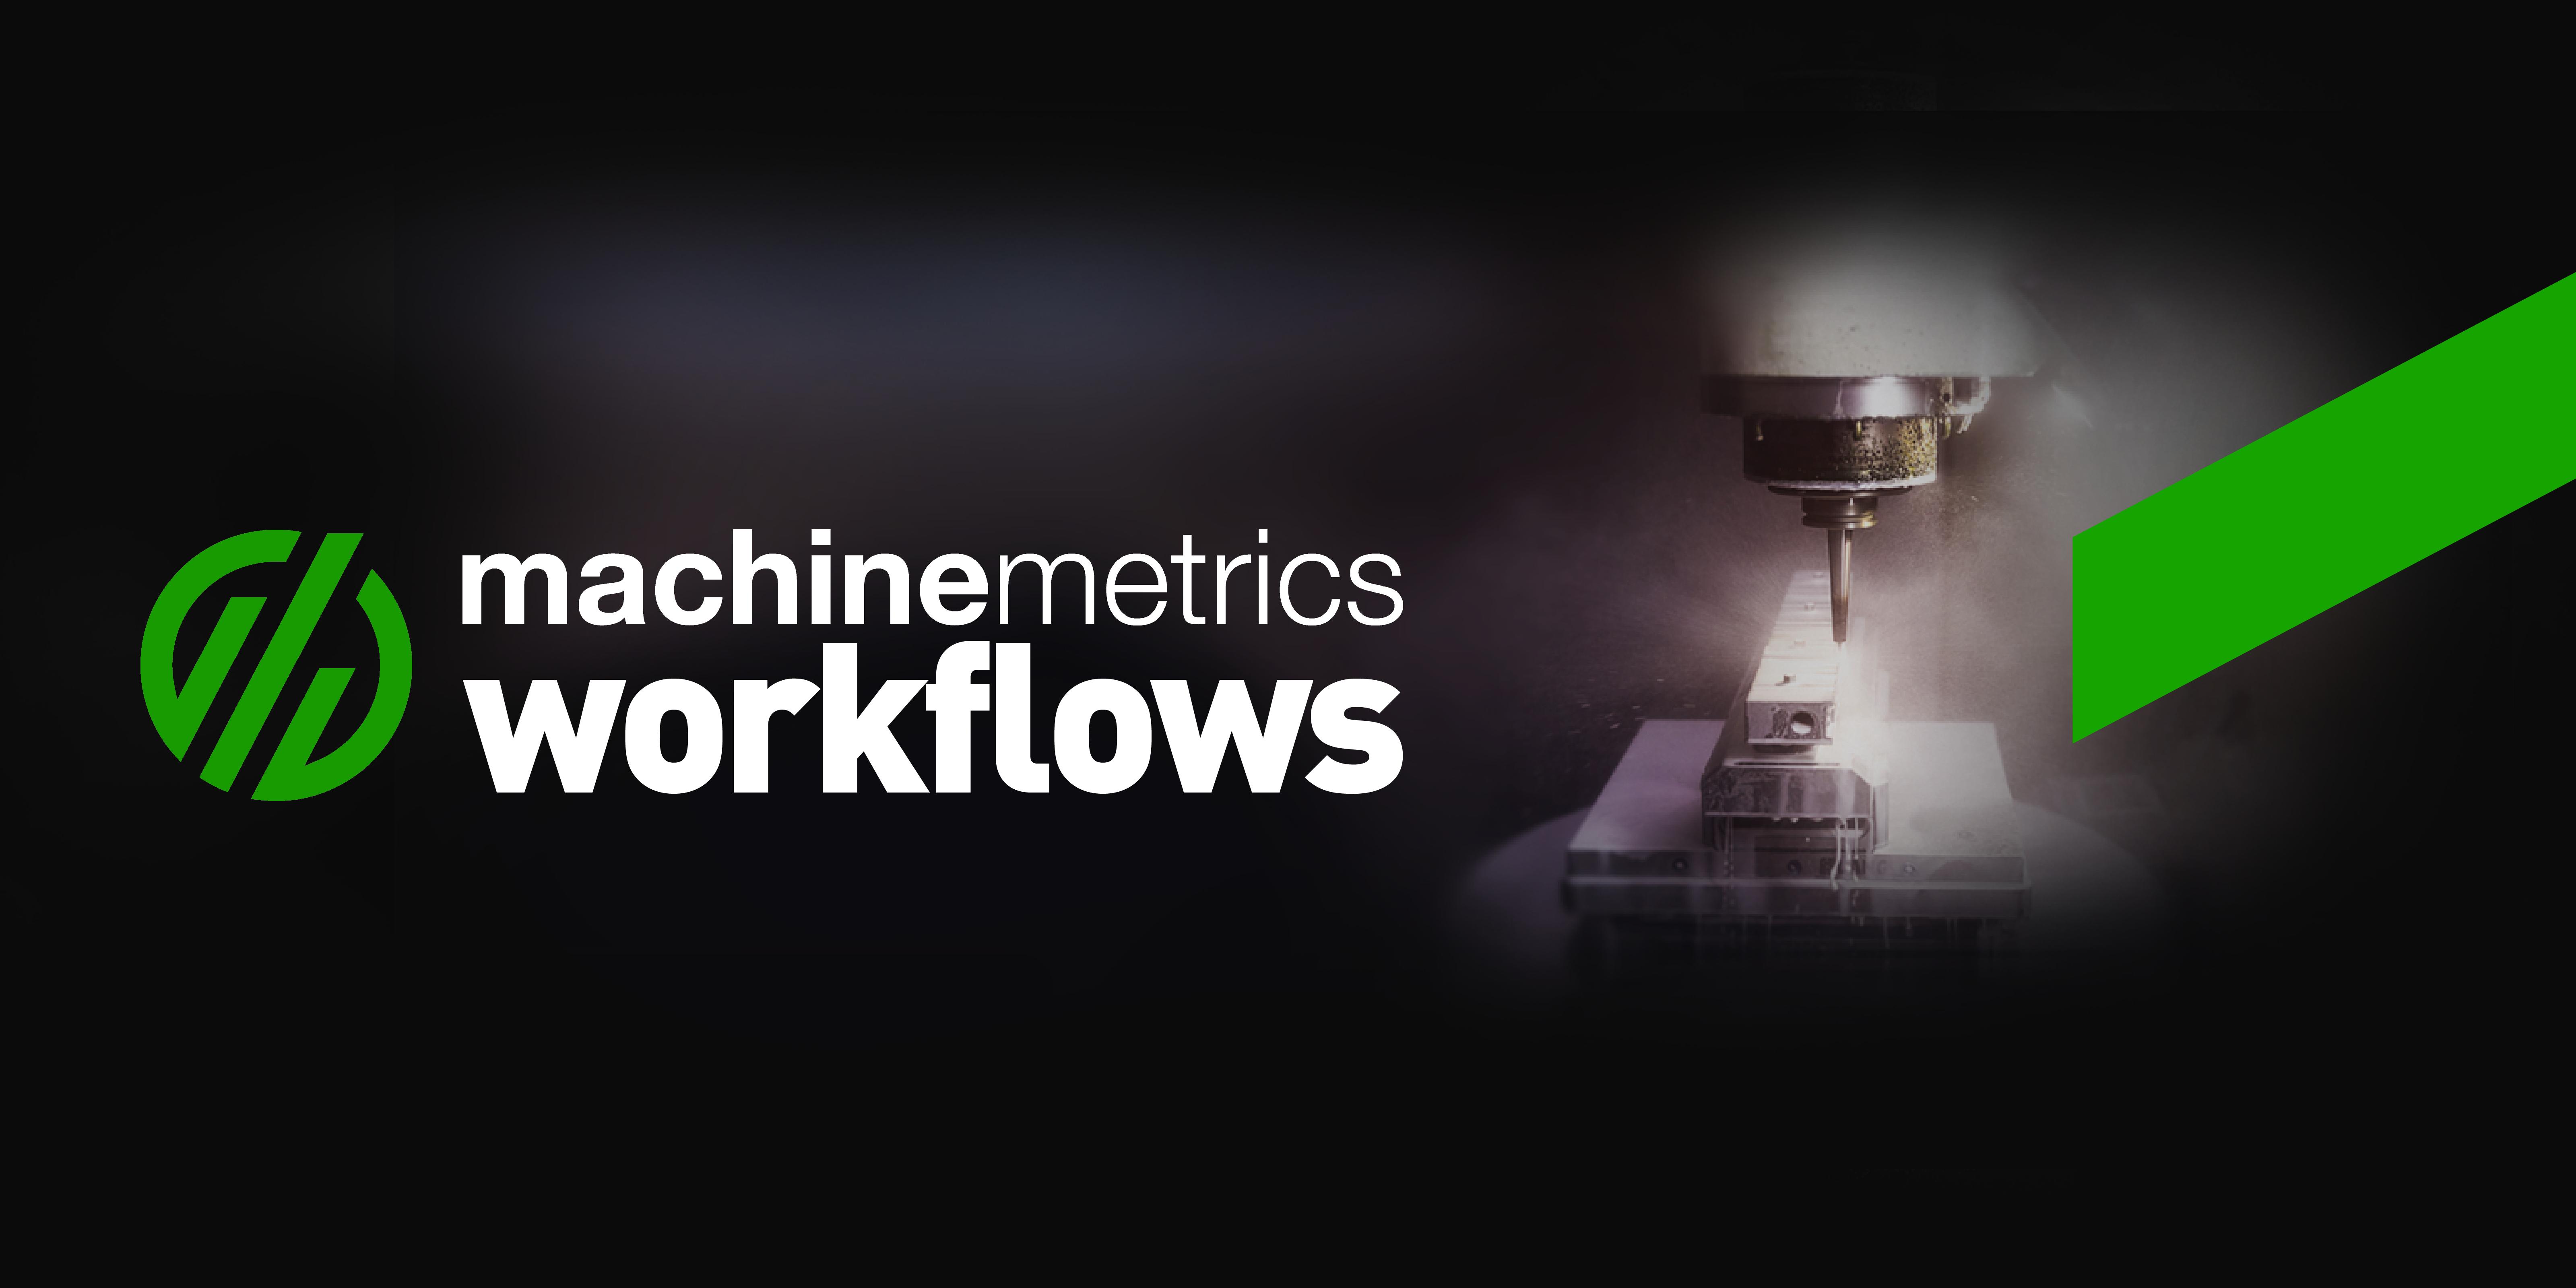 Introducing: MachineMetrics Workflows